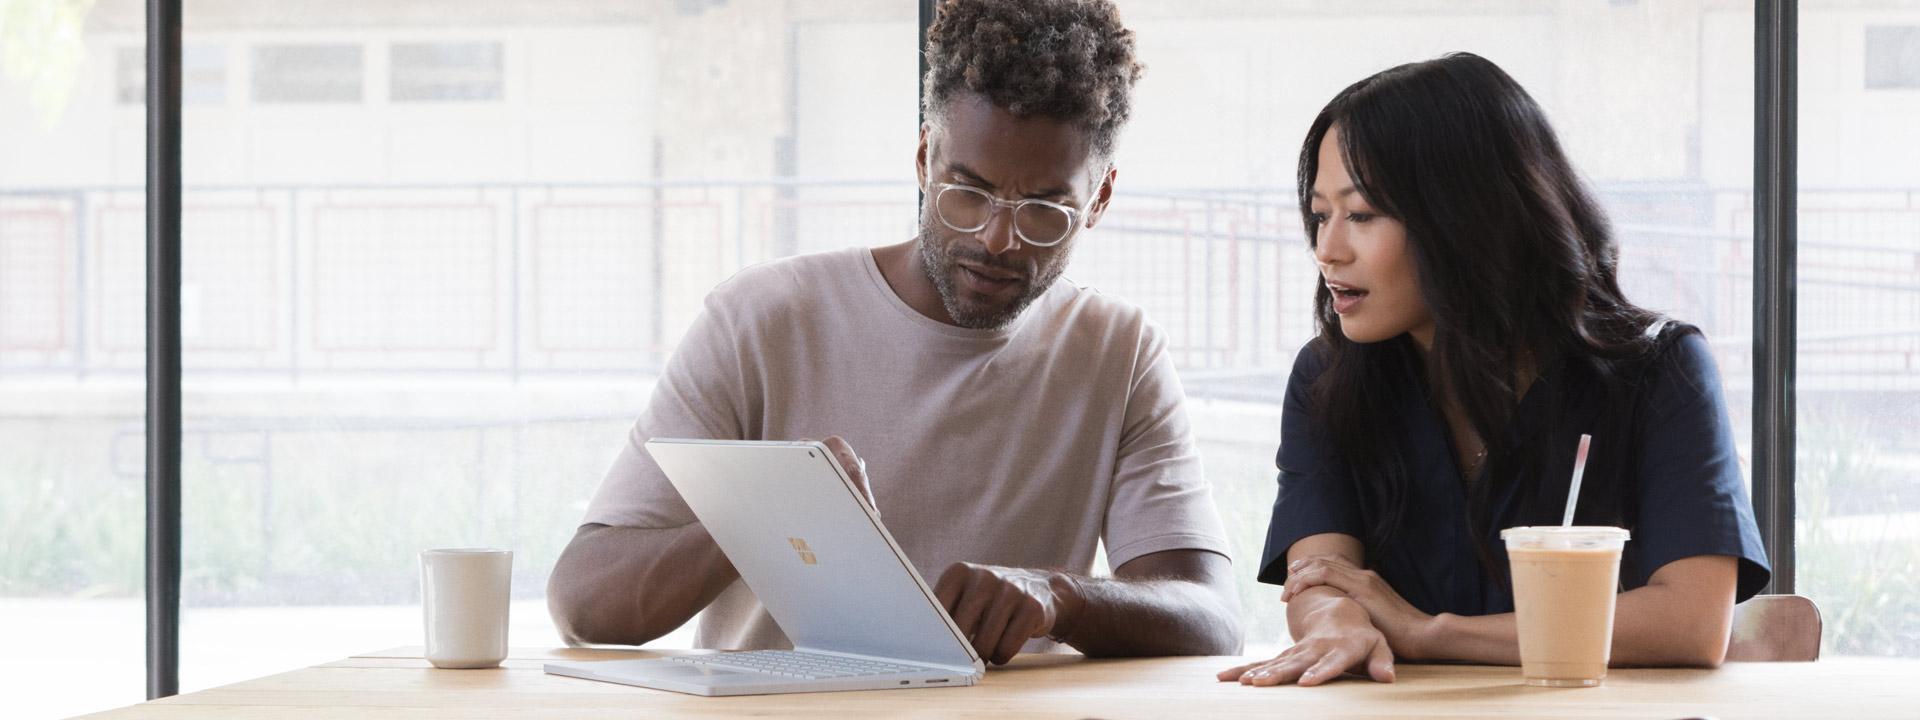 Man och kvinna tittar på Surface Book 2 med vikt tangentbord undertill på ett kafé.